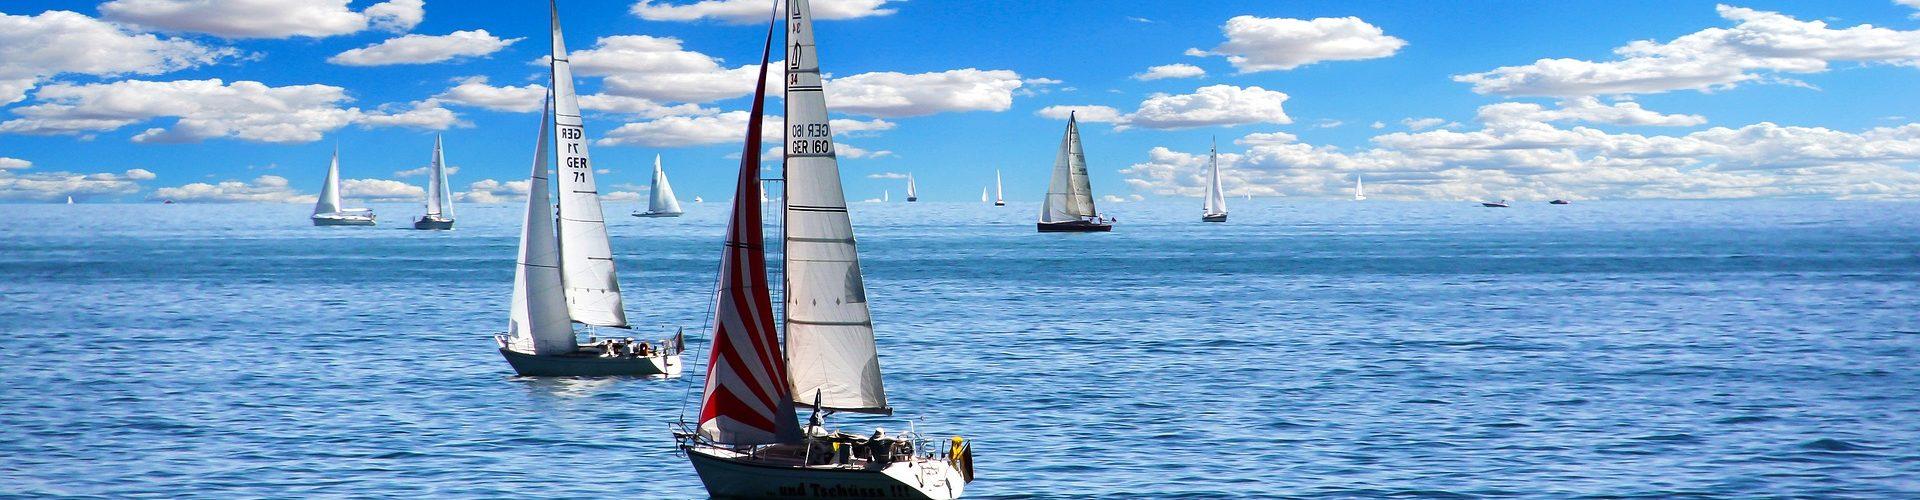 segeln lernen in Hamburg Finkenwerder segelschein machen in Hamburg Finkenwerder 1920x500 - Segeln lernen in Hamburg Finkenwerder